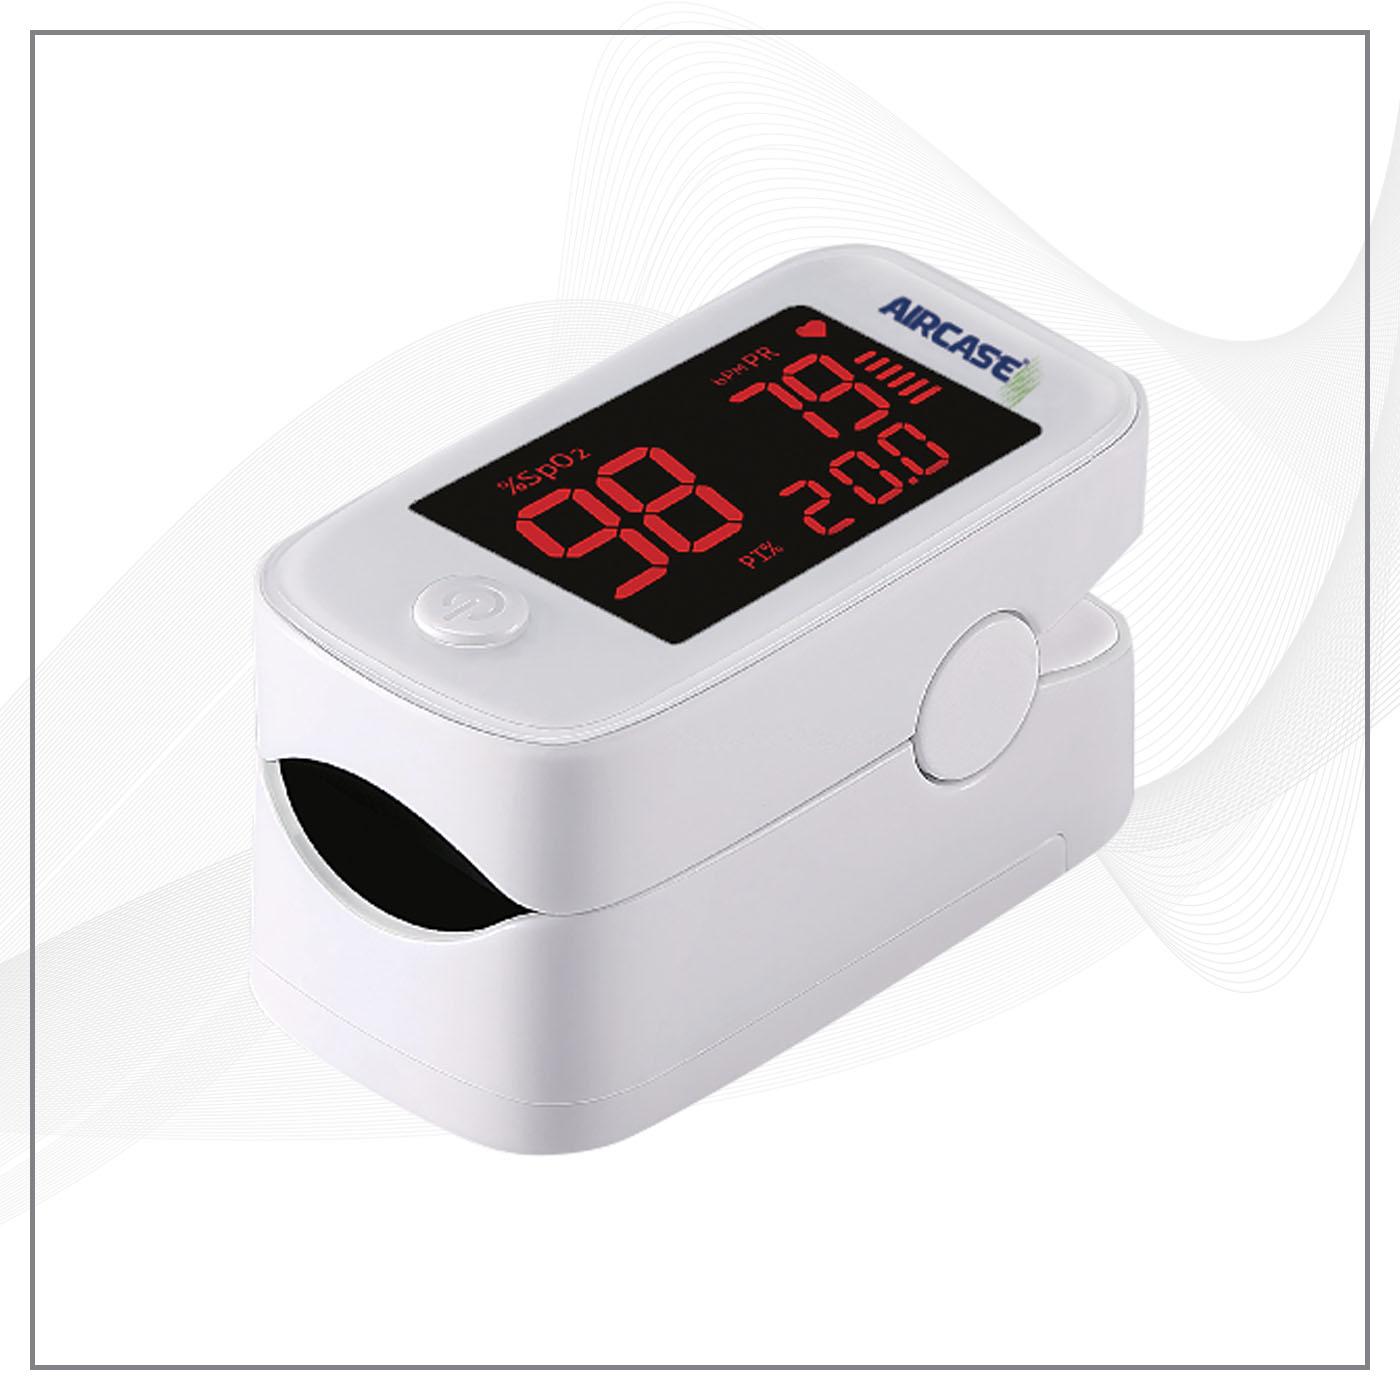 Abc Tıp Sağlık Elektronik Cihazlar Ve Hastane Ekipmanları AC 601